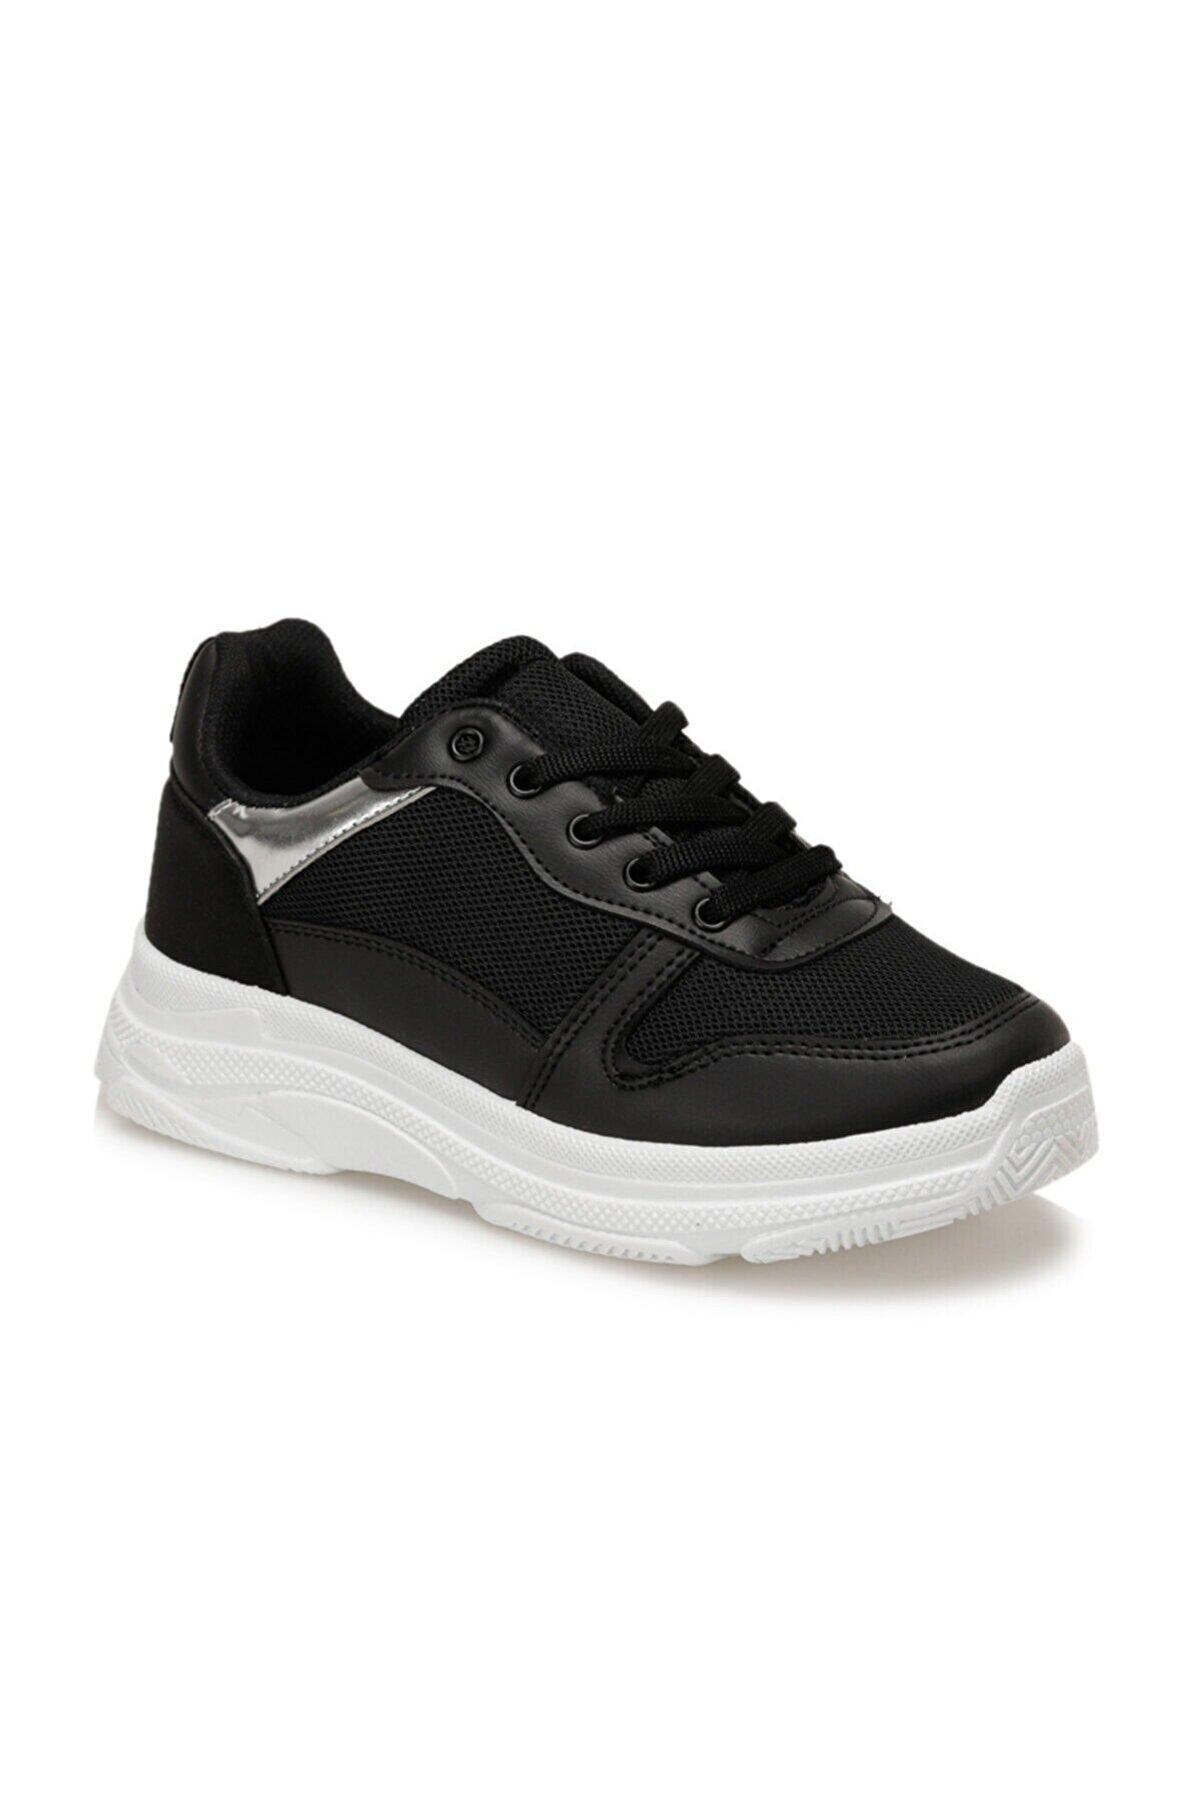 Polaris 315759.Z Siyah Kadın Spor Ayakkabı 100523185